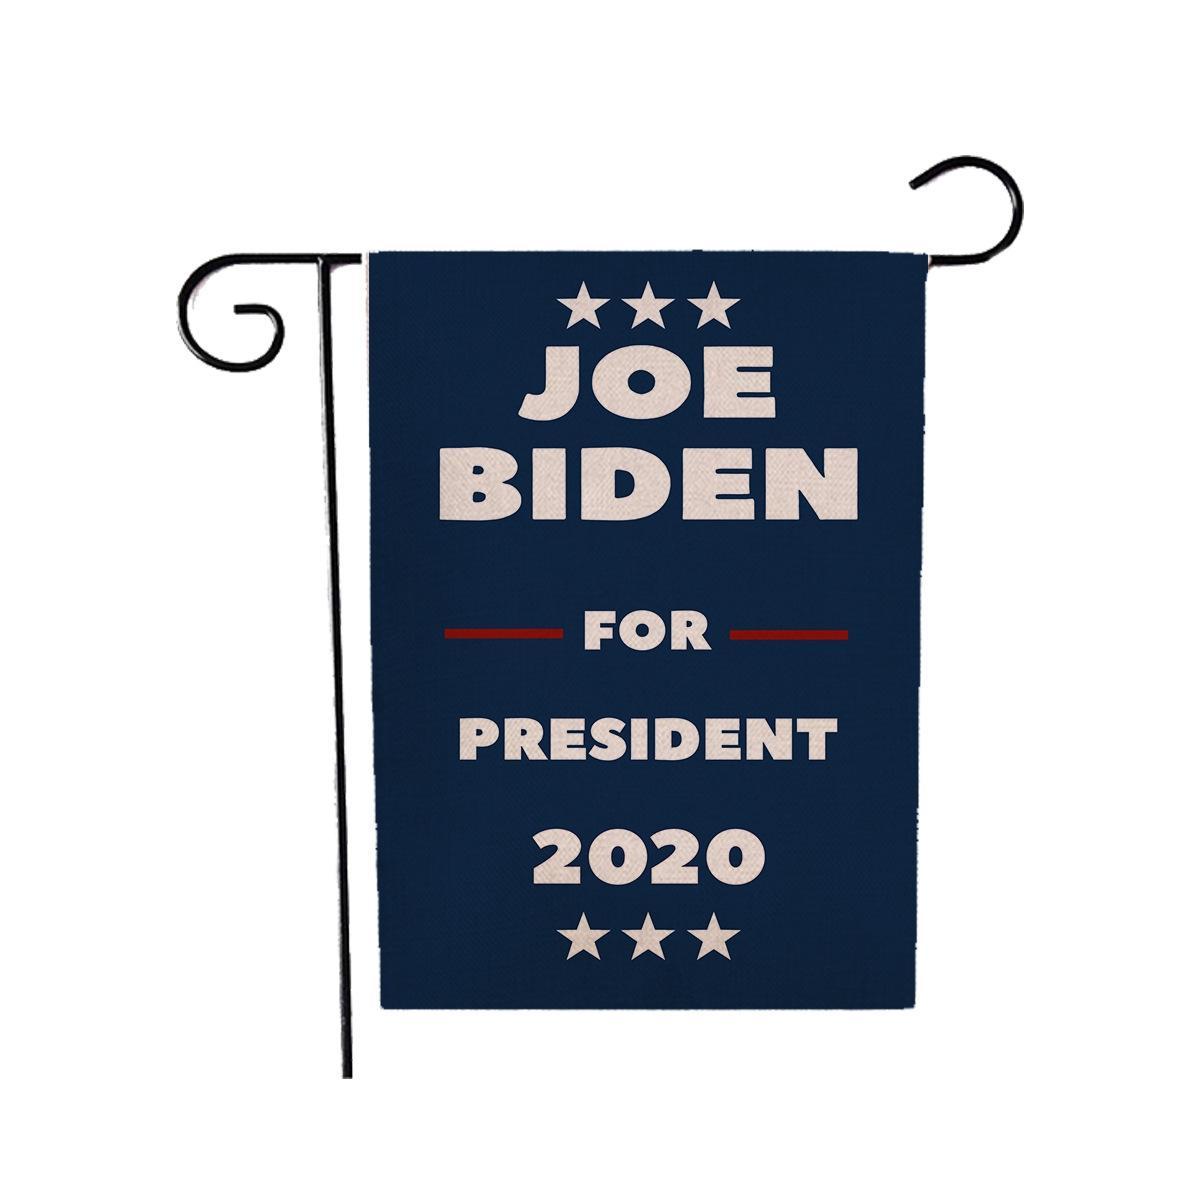 Biden, 2020 Bayraklar Ev Dekorasyon 12 Styles için # 162 Amerika Büyük Başkan Seçim Kampanyası Banner 45 * 30cm Biden Yenilik Asma Flags tutun